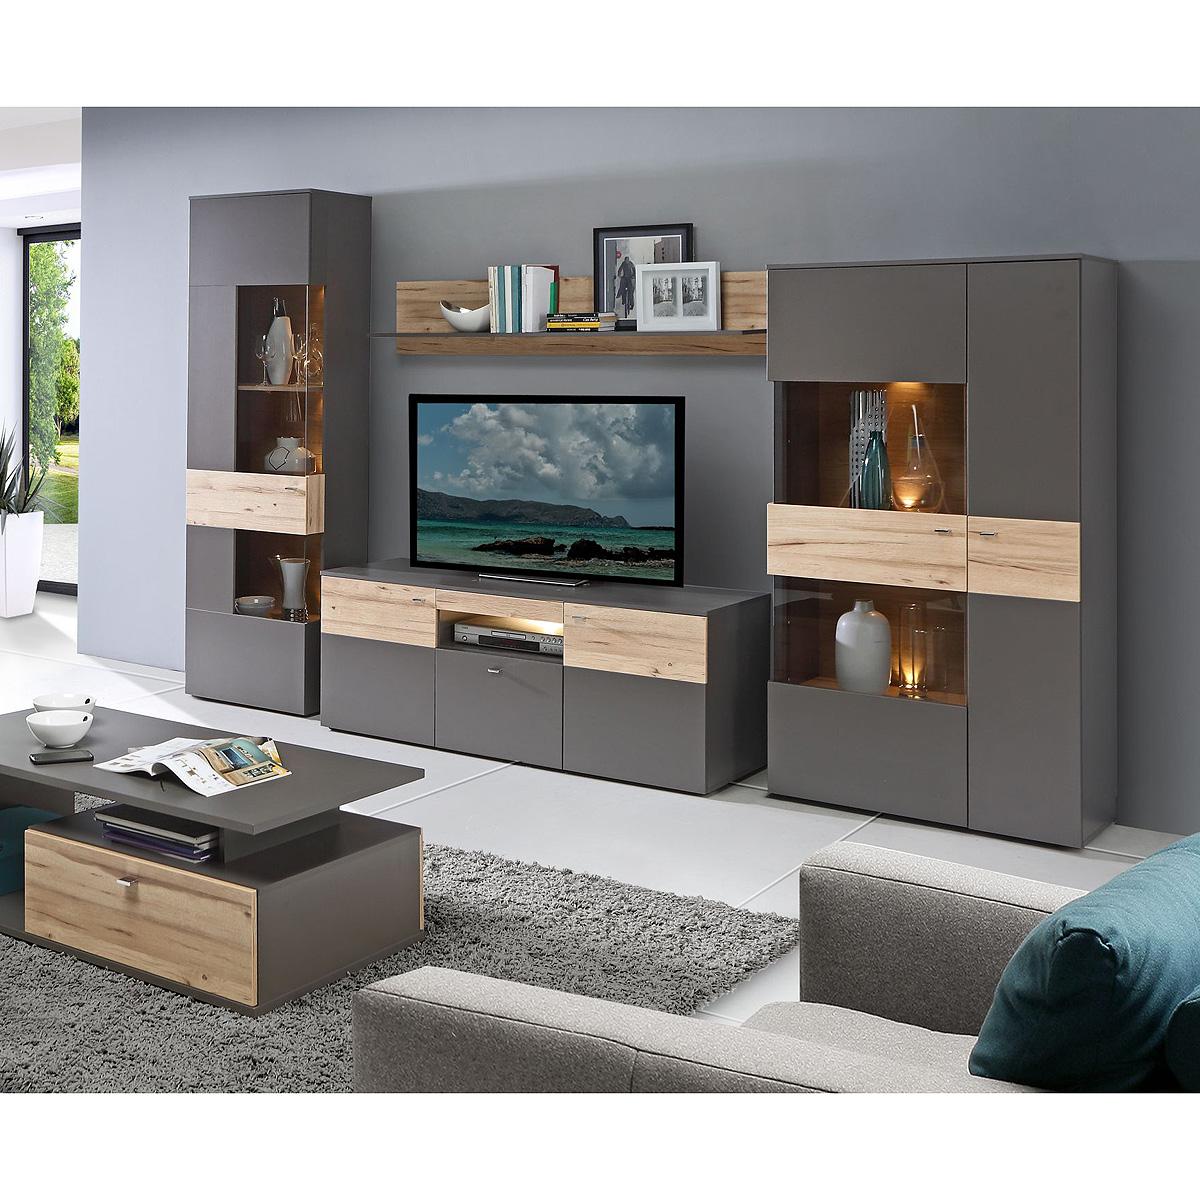 wohnwand como anbauwand wohnzimmer uni wolfram grau und planked eiche mit led eur 629 95. Black Bedroom Furniture Sets. Home Design Ideas